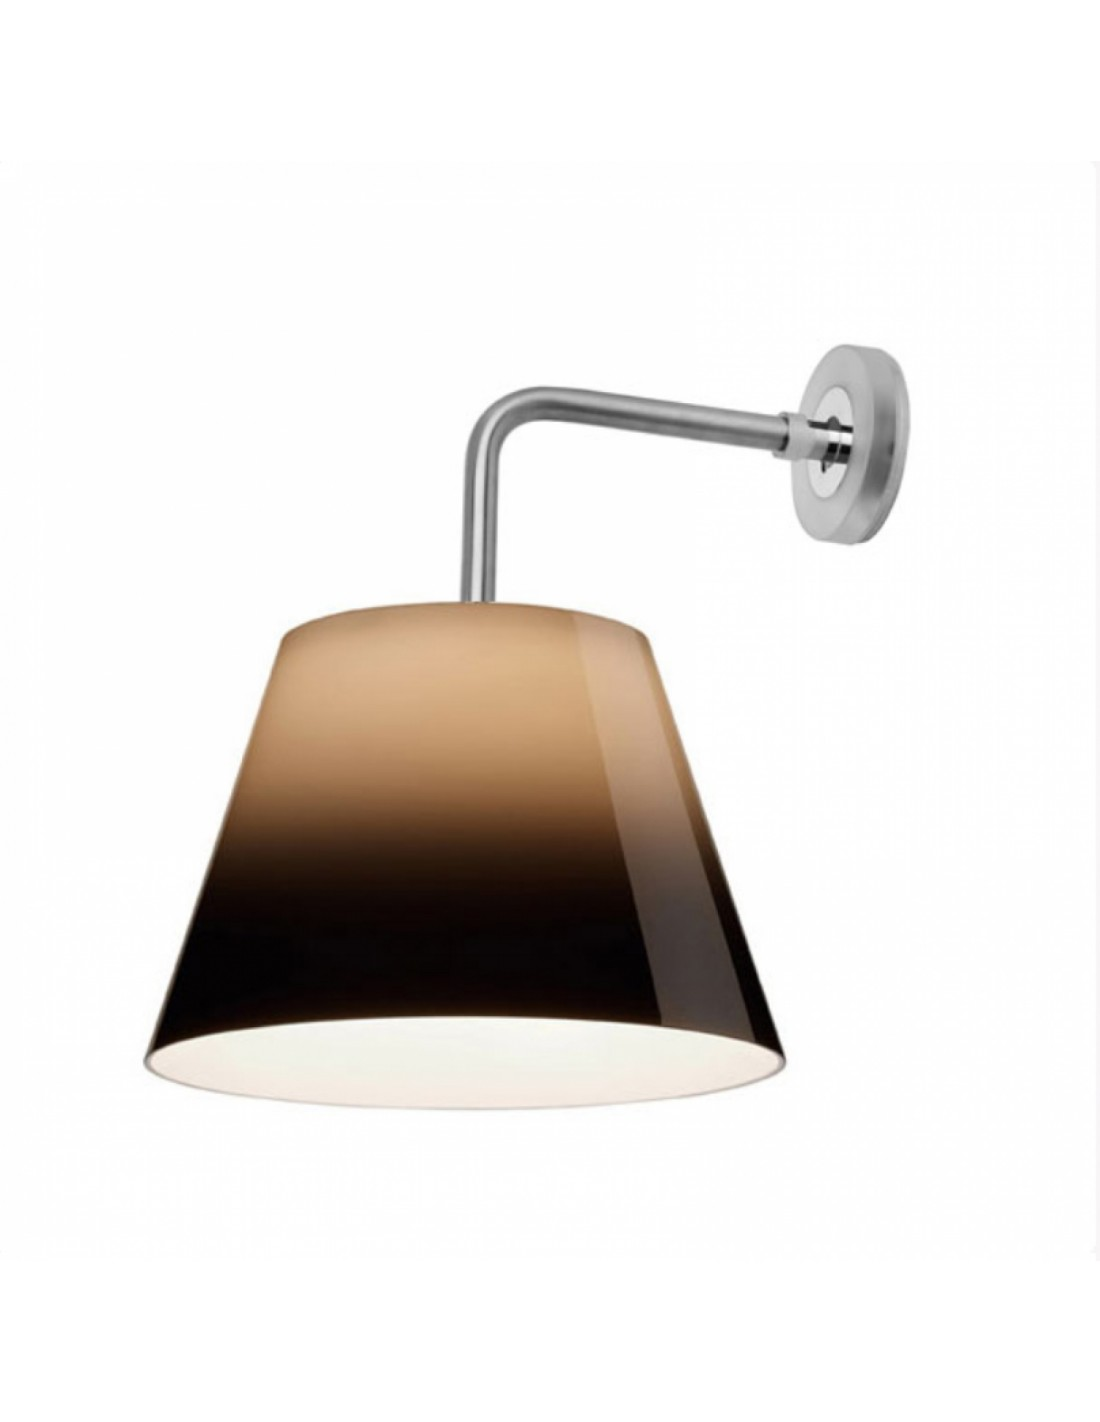 Promotion sur l'applique Flos design Romeo Outdoor du designer Philippe Starck pour la marque Flos - Valente Design